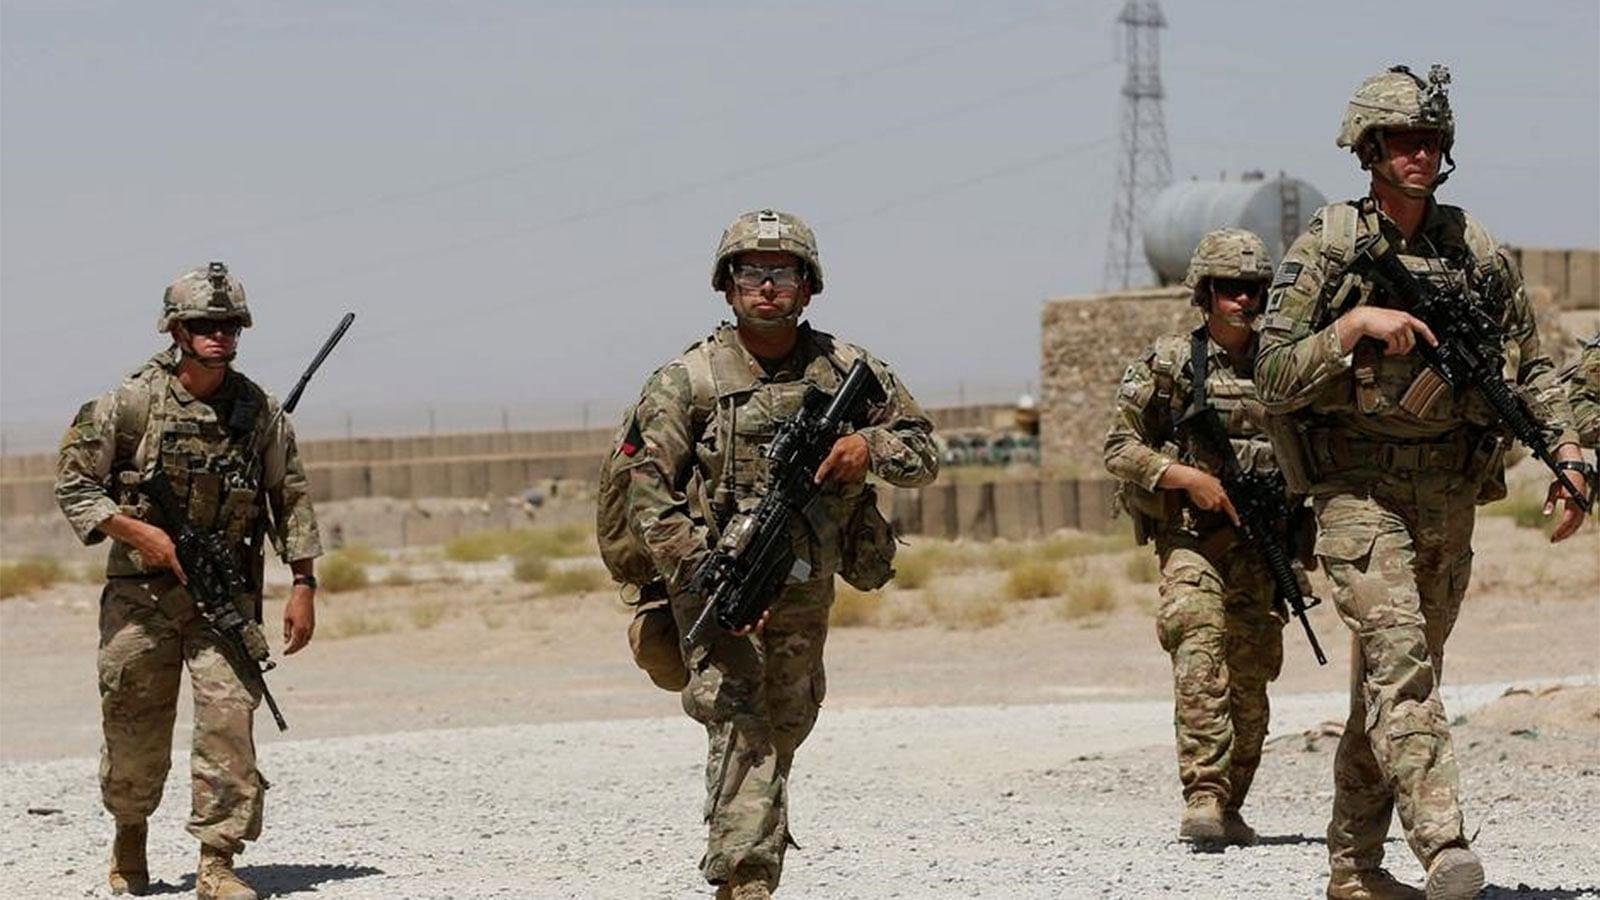 """Vòng xoáy bất ổn và """"trò chơi quyền lực mới"""" ở Afghanistan sau khi Mỹ rút quân"""